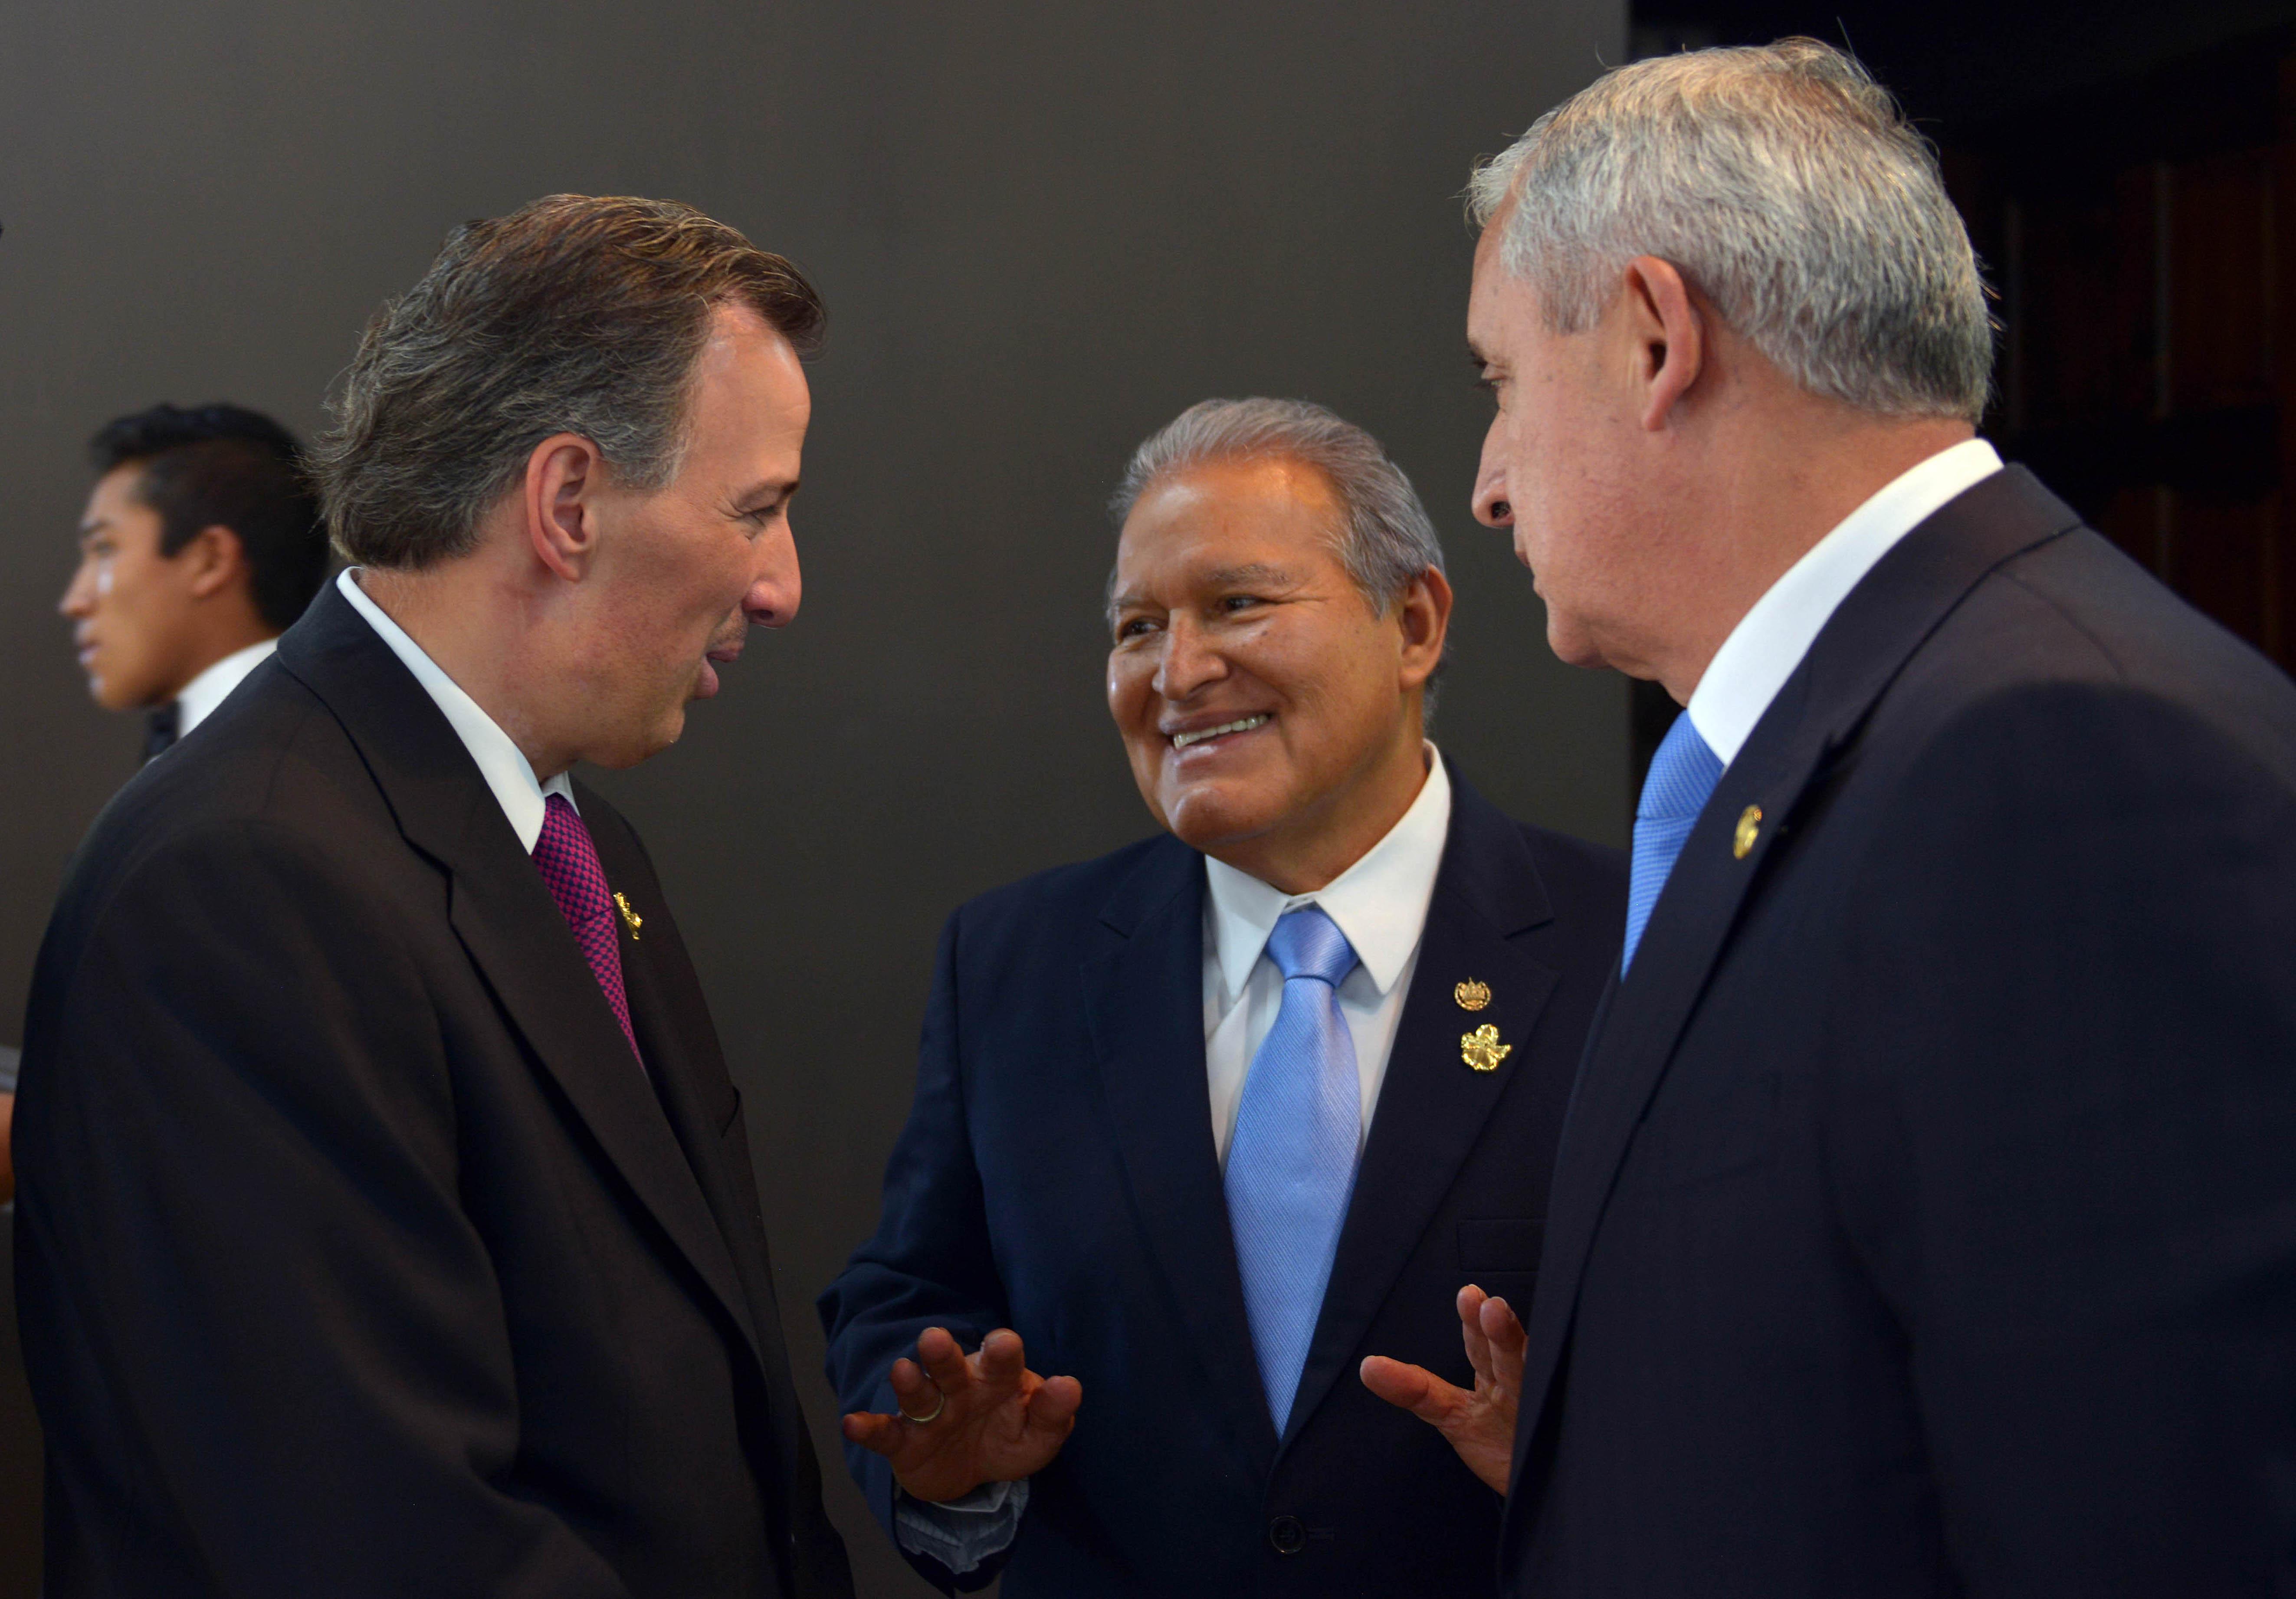 FOTO 2 Canciller Jos  Antonio Meade con los presidentes Salvador S nchez Cer n y Otto P rez Molinajpg